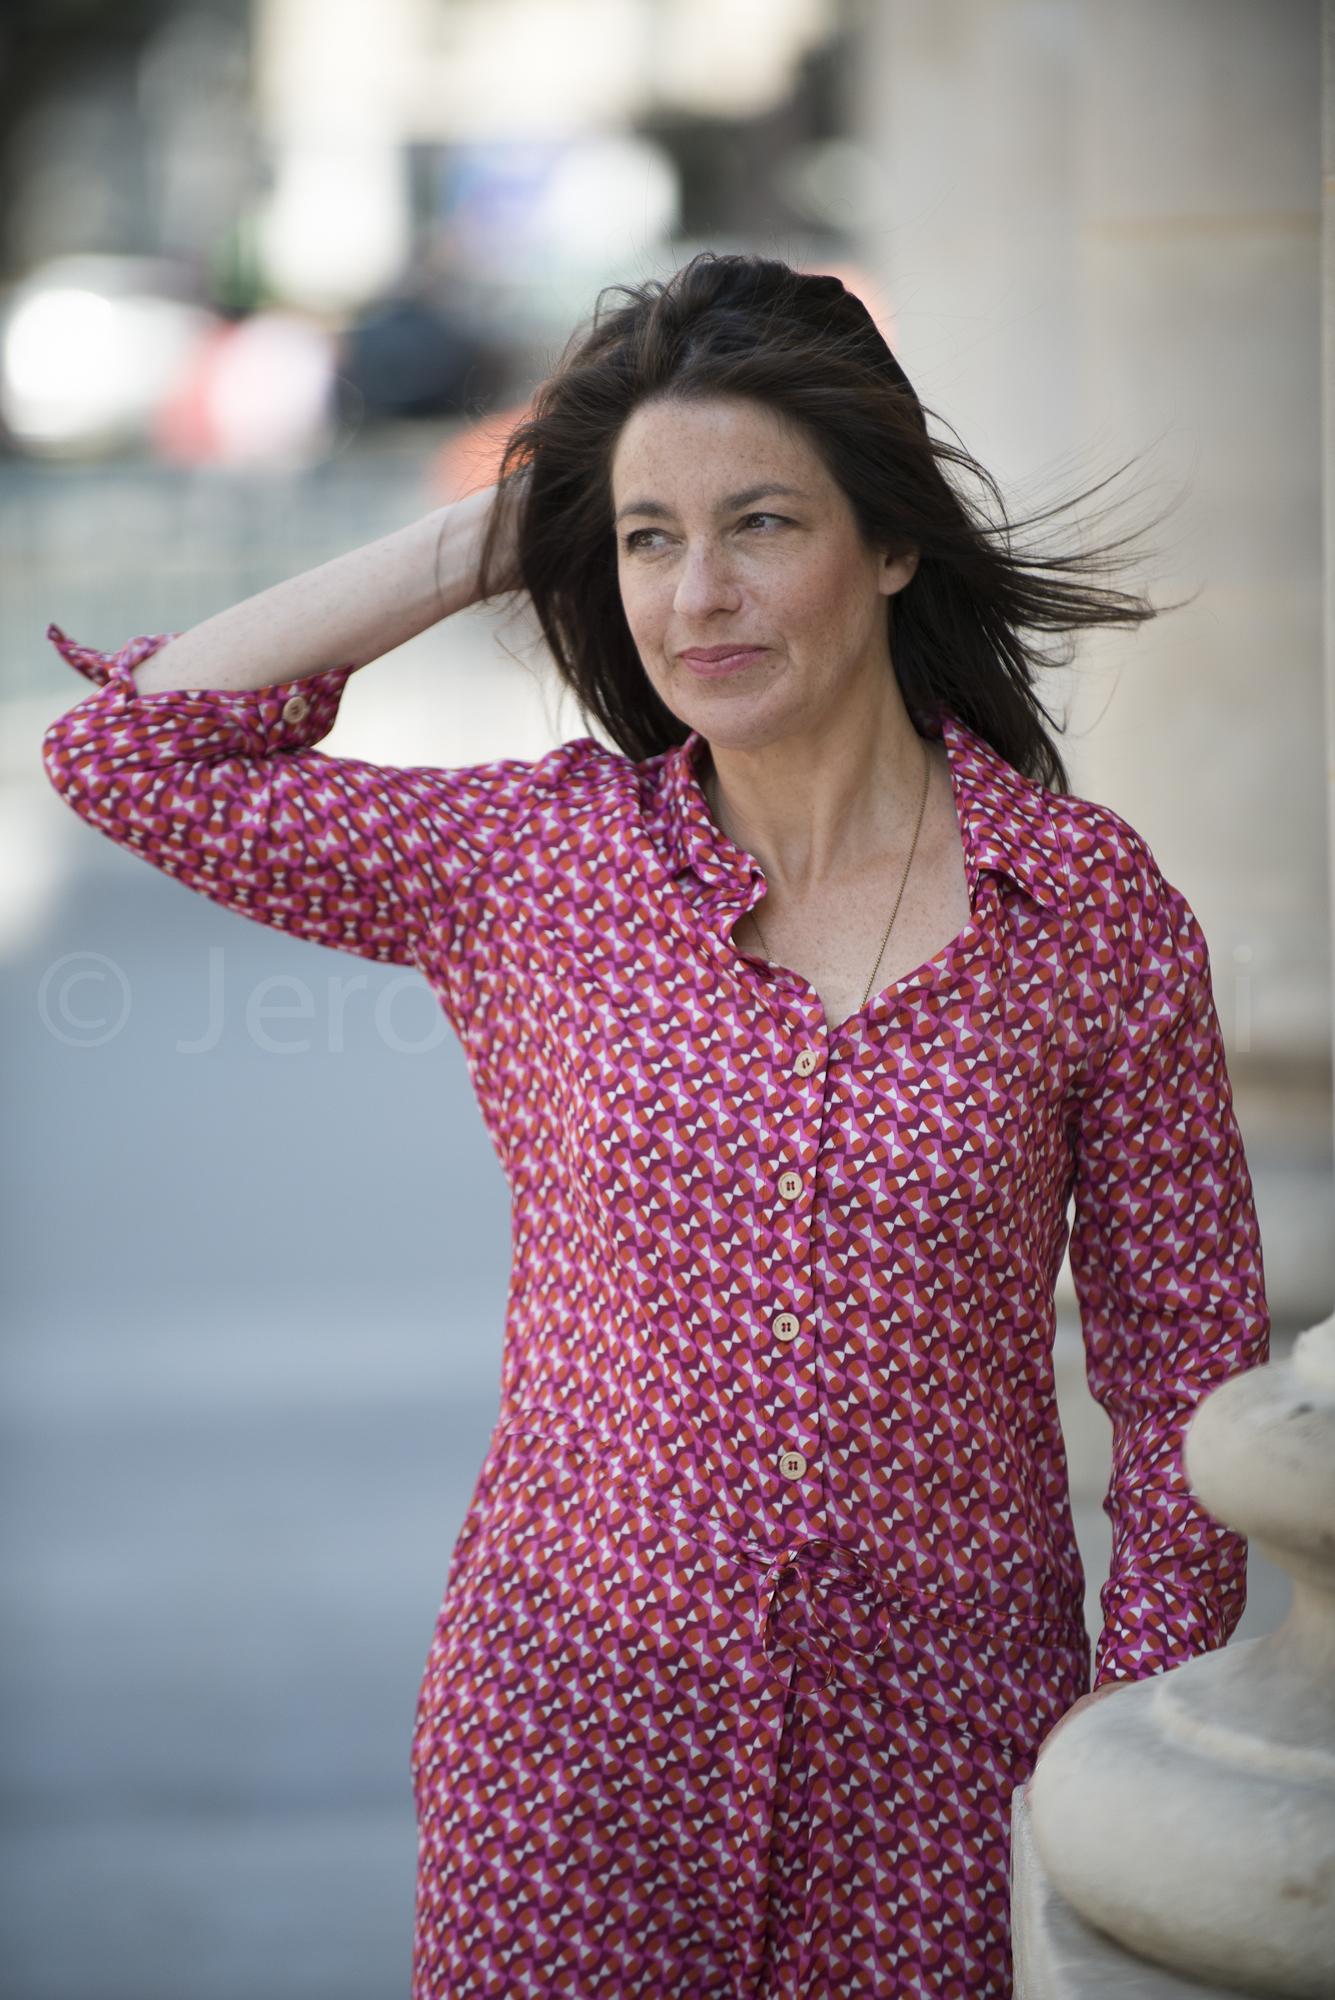 Claudia Senick